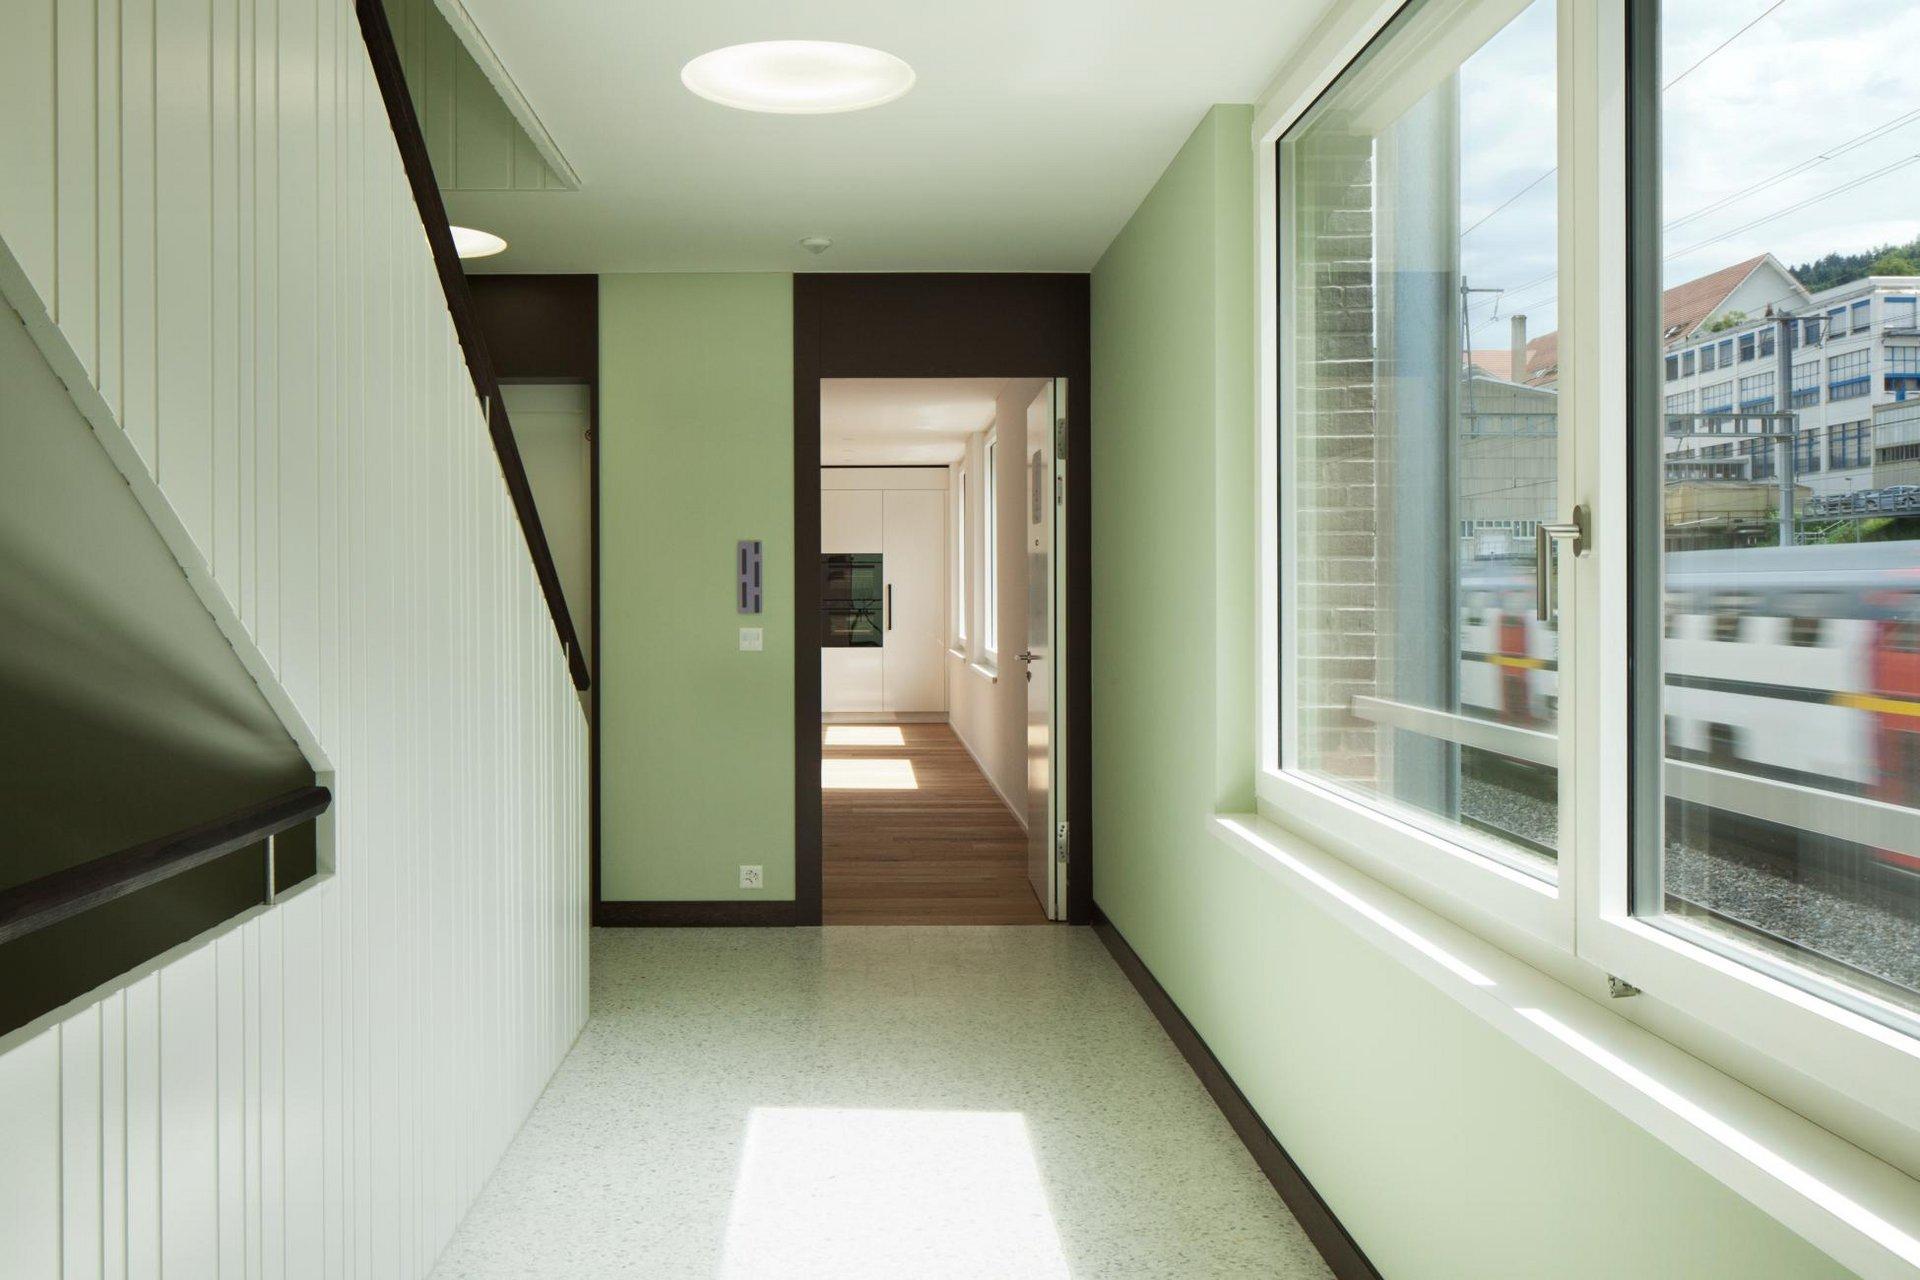 Treppenhaus in grün mit Holz-Metallfenstern mit Schallschutzanforderungen